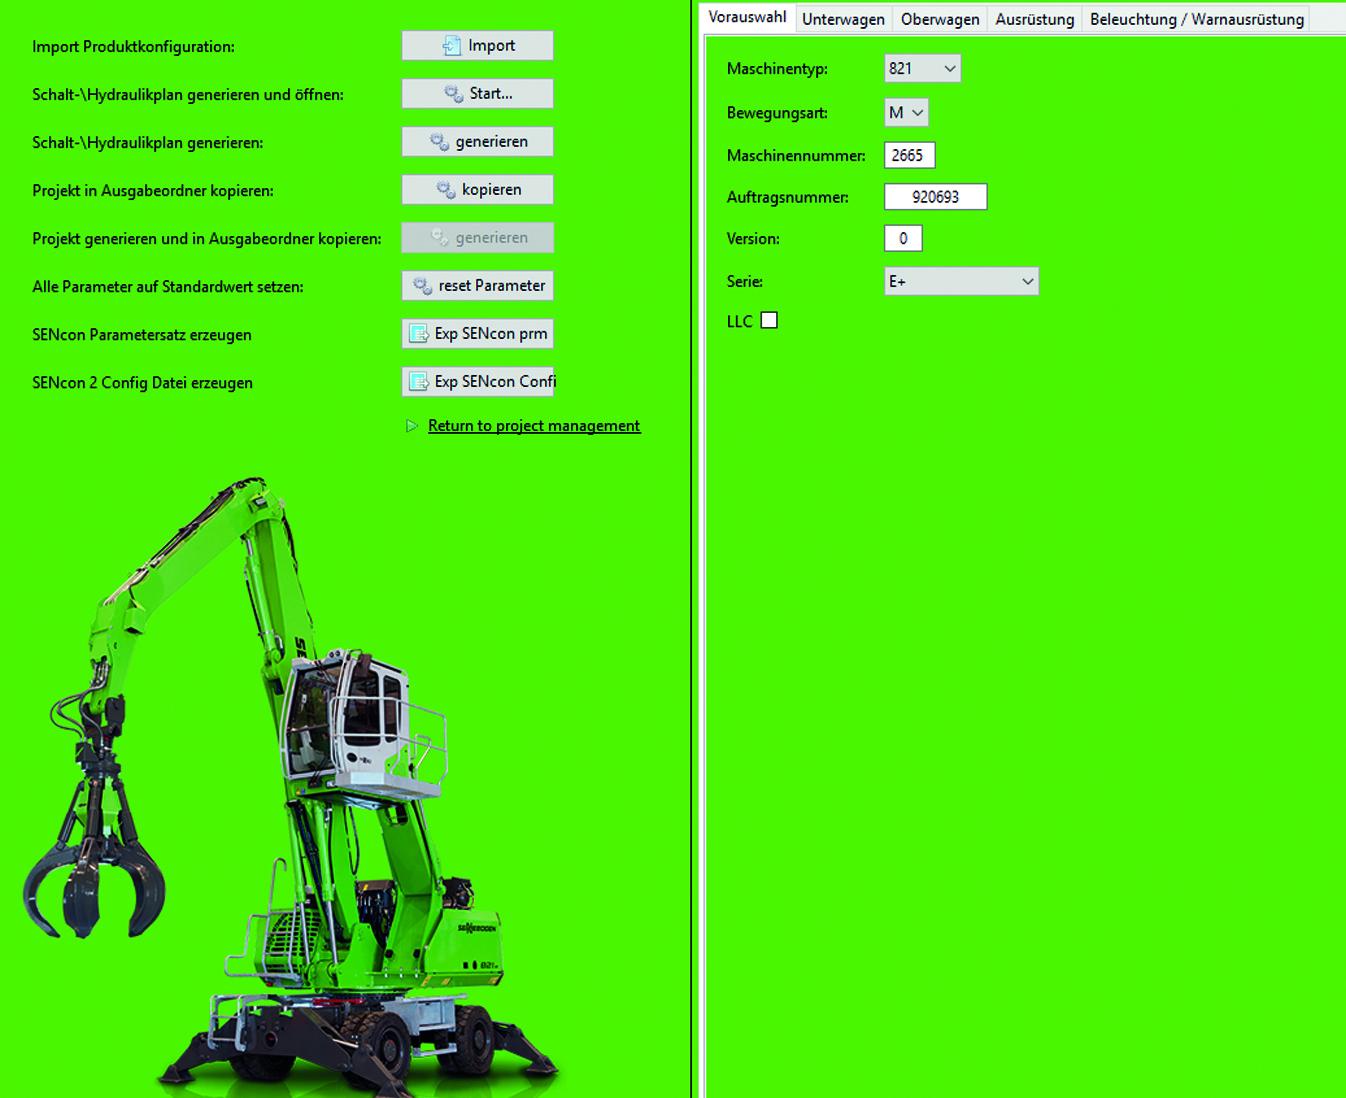 Nach dem Import der Konfigurationsdaten kann der Konstrukteur per Mausklick die Schalt- und Hydraulikpläne generieren. (Bild: Sennebogen Maschinenfabrik GmbH)